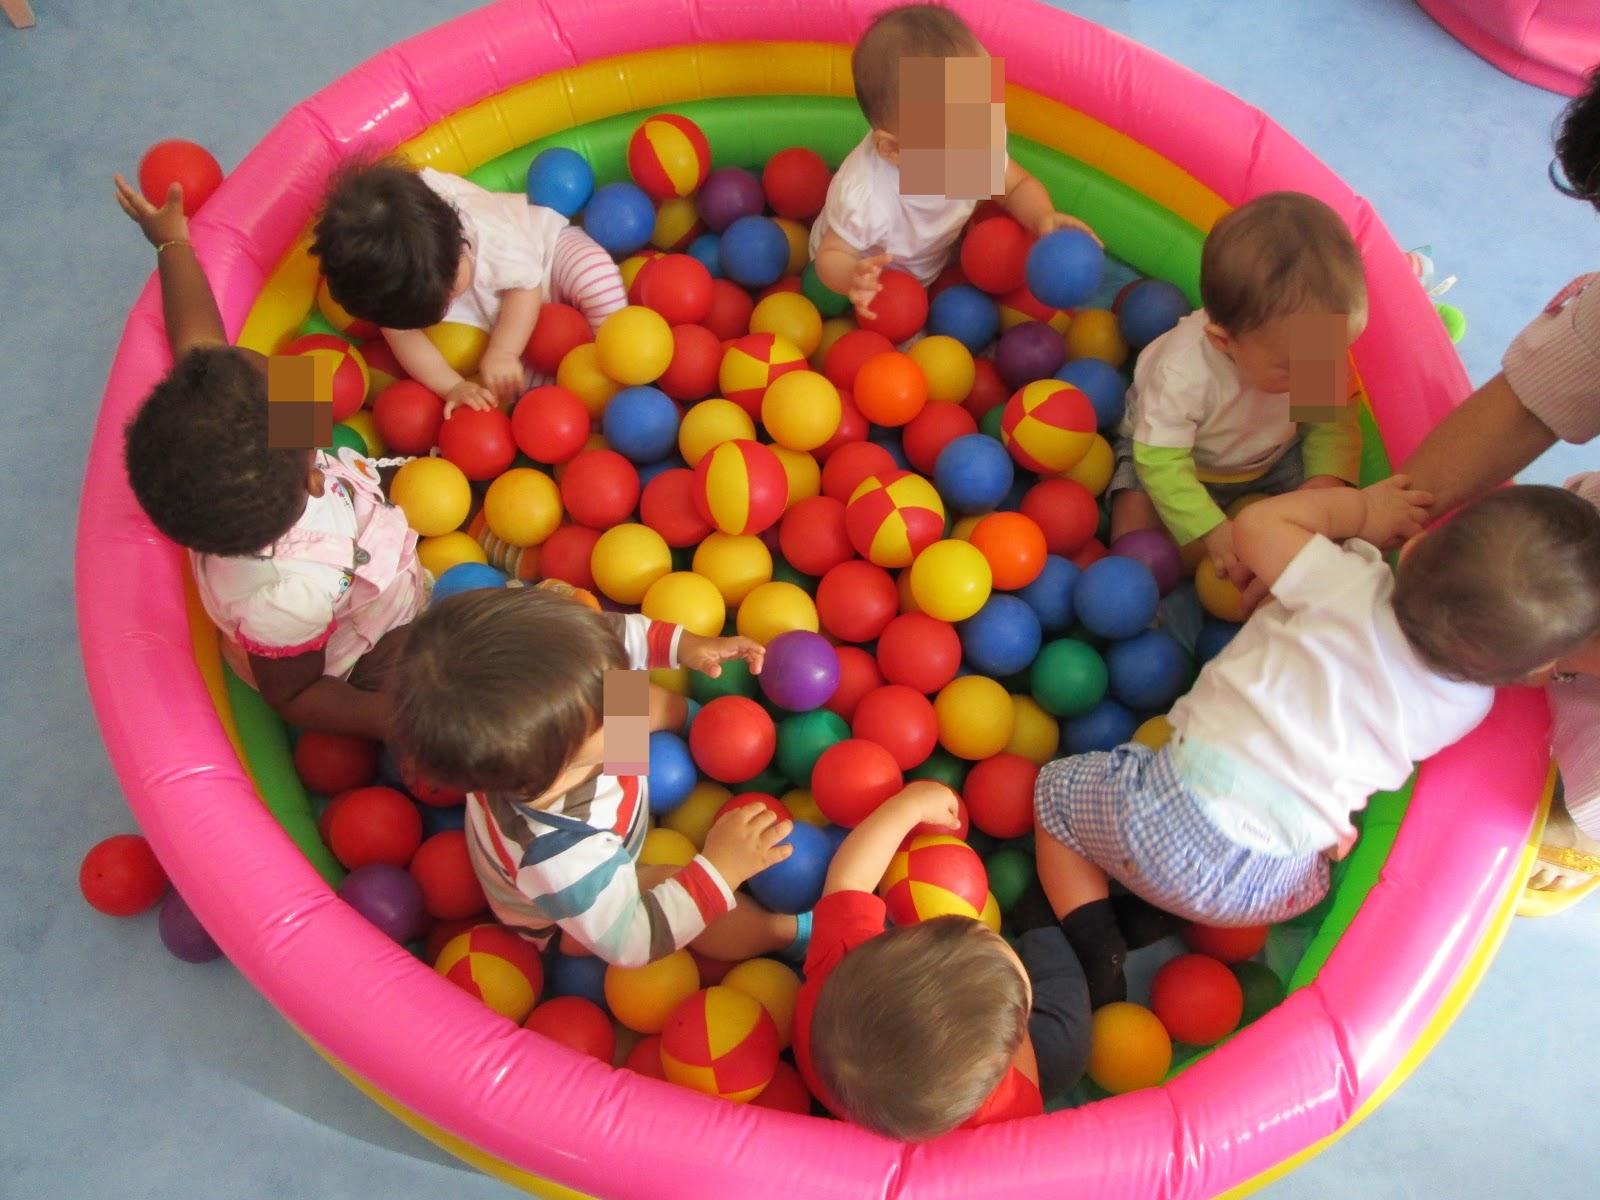 Sala dos beb s piscina de bolas for Piscina de bolas para bebes